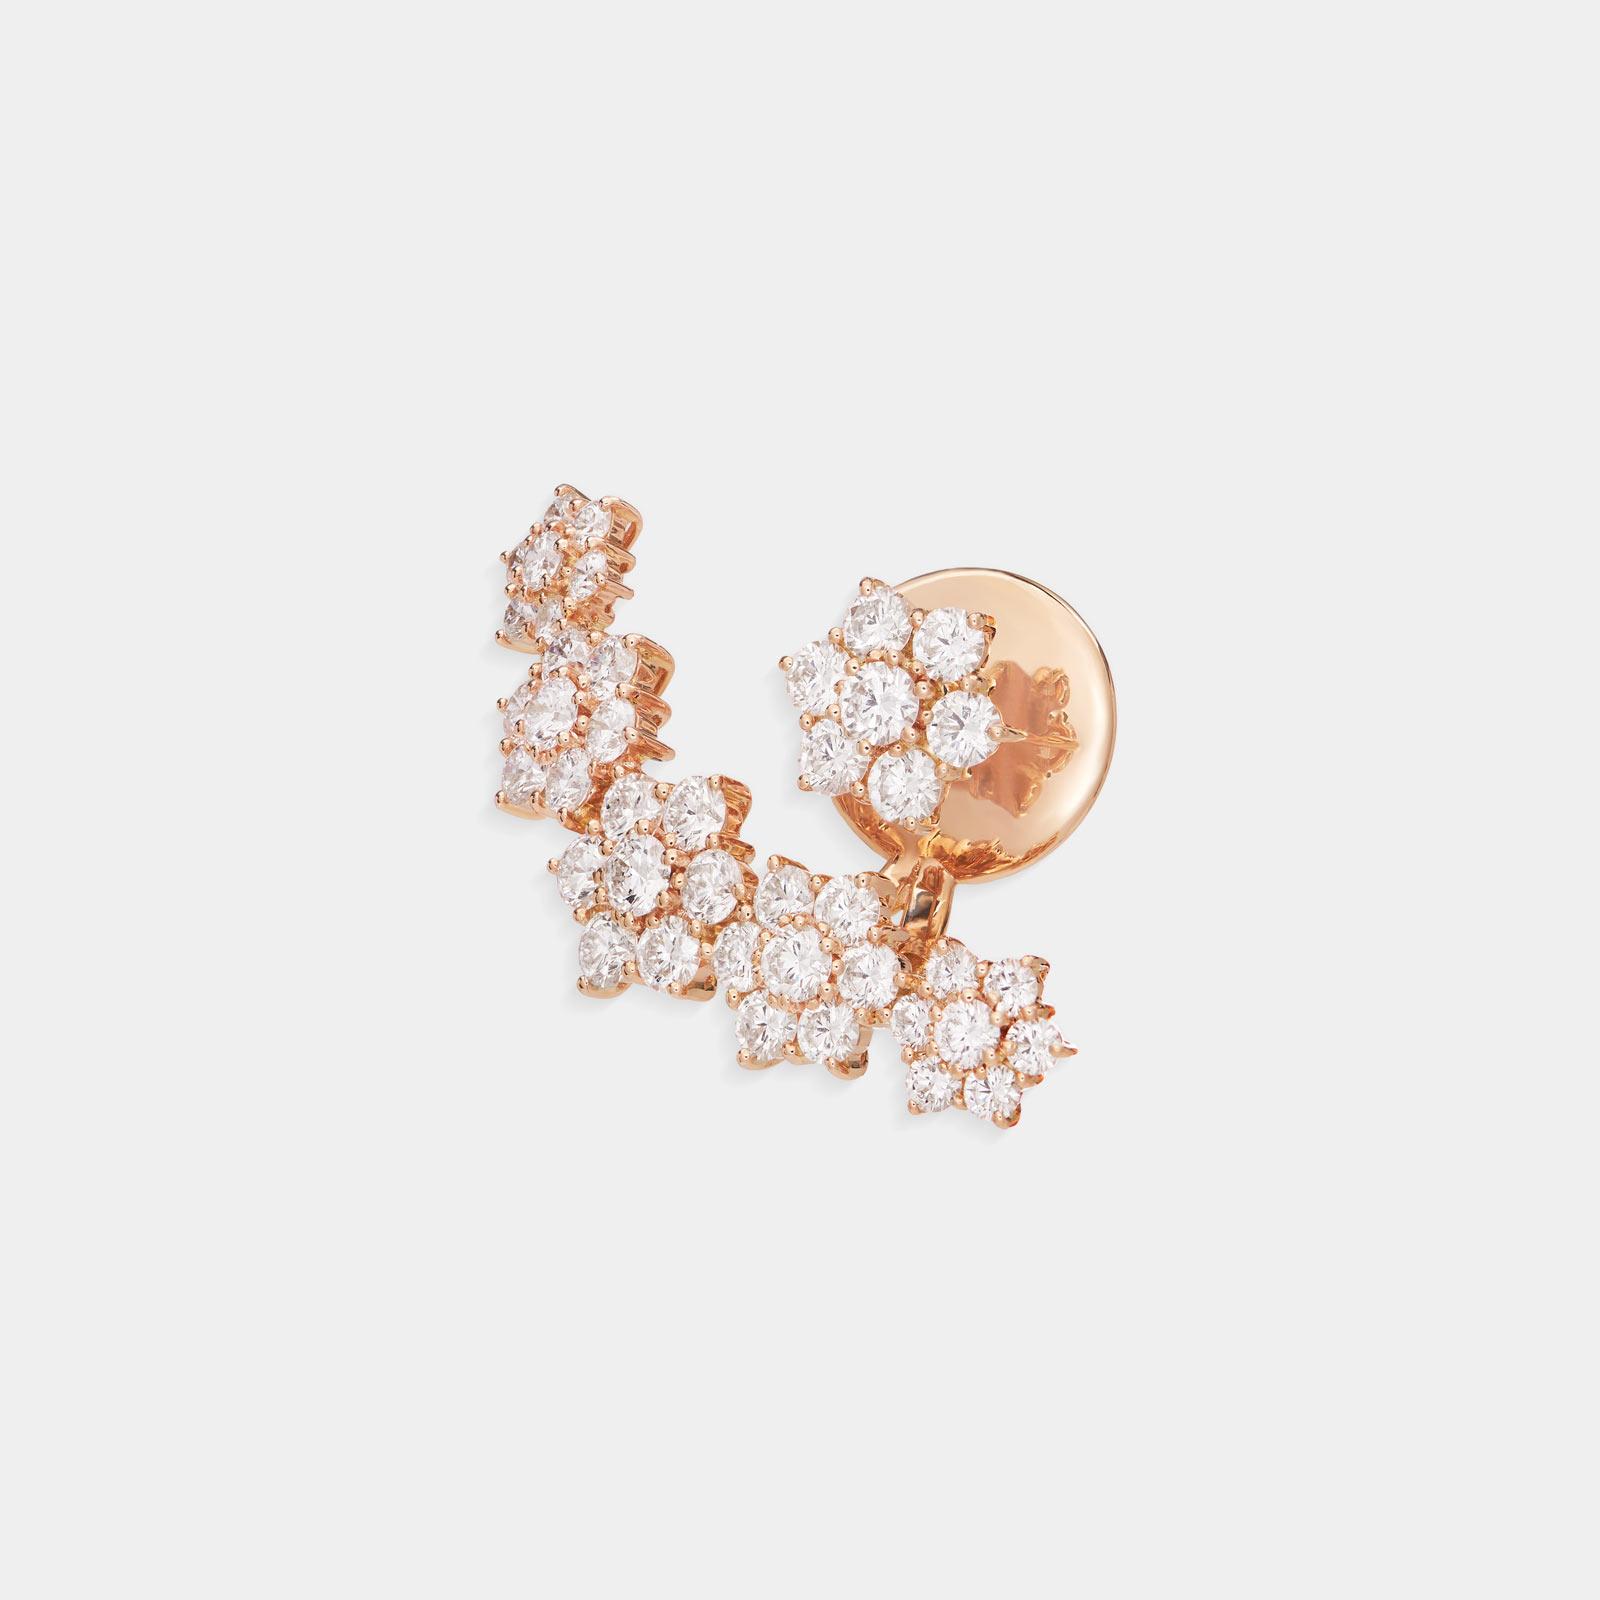 Crivelli - Mono orecchino earcuff in oro rosa con fiori in diamanti